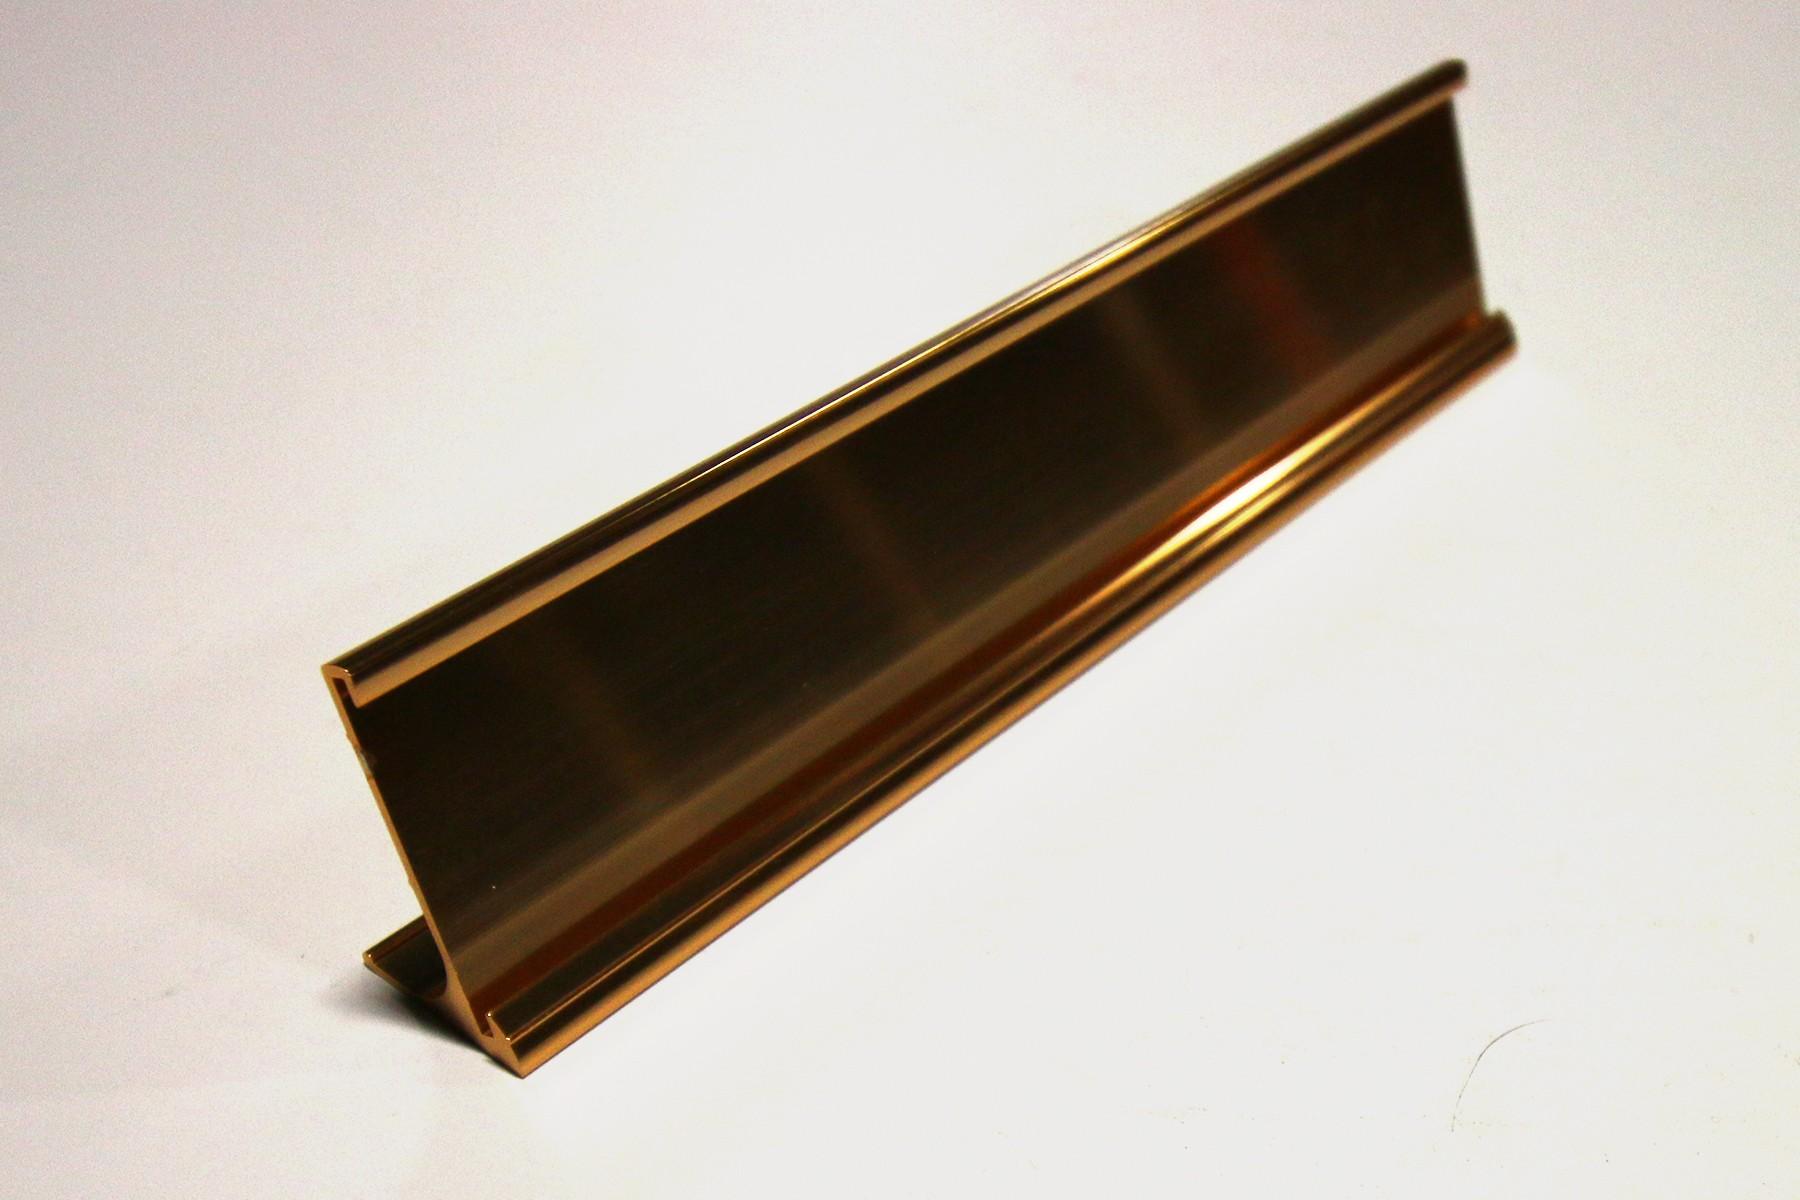 1-1/2 x 10 Desk Holder, Gold S 30